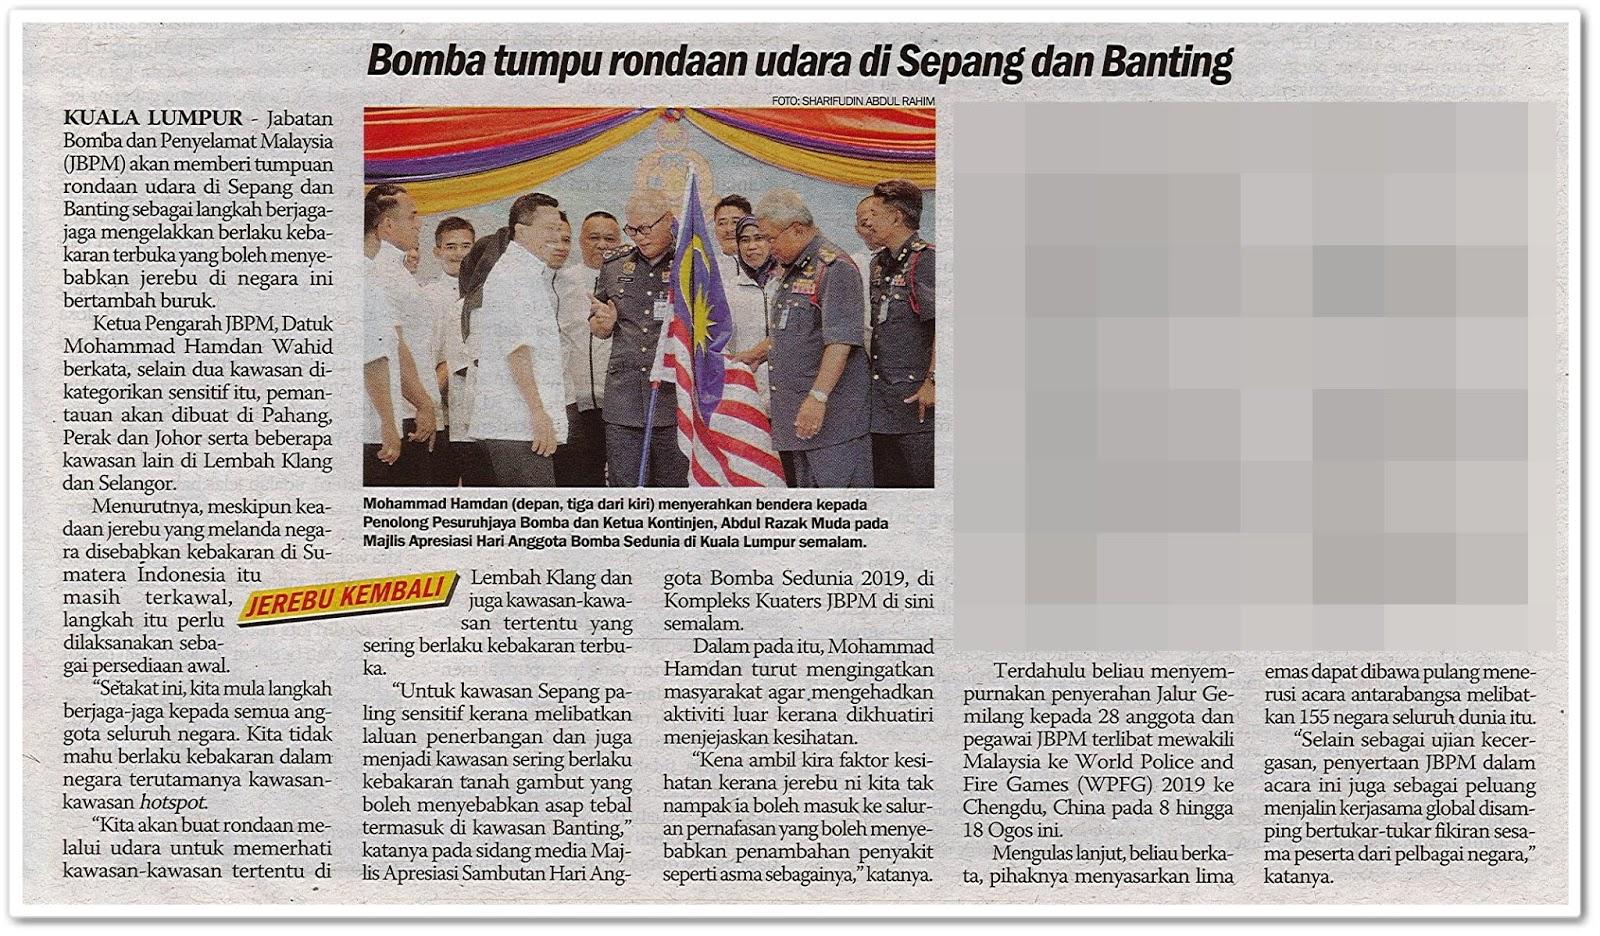 Bomba tumpu rondaan udara di Sepang dan Banting - Keratan akhbar Sinar Harian 3 Ogos 2019